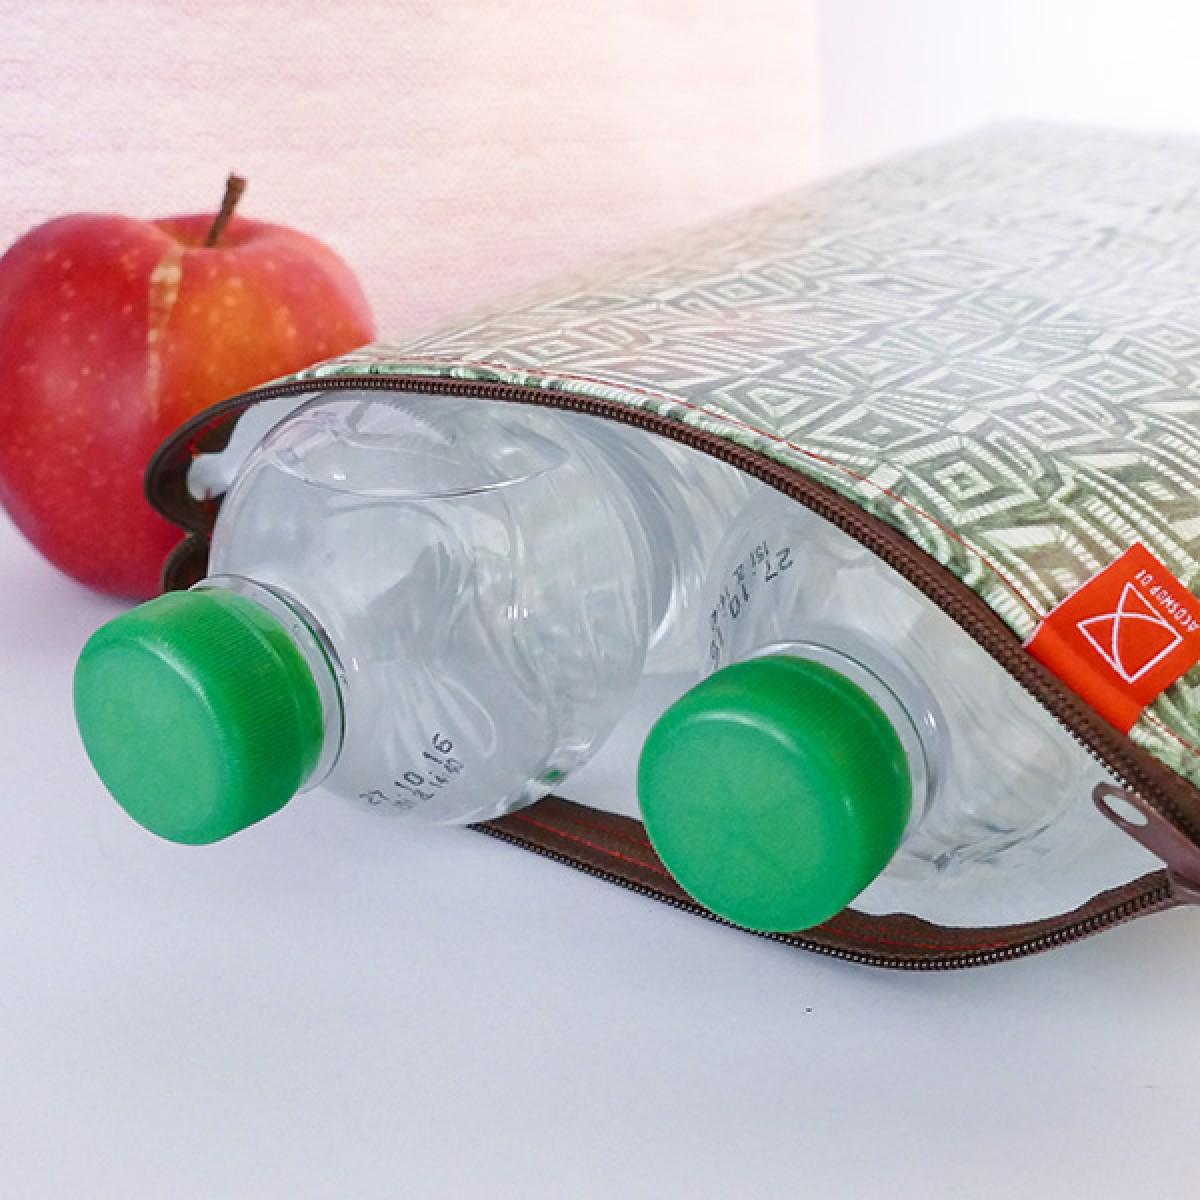 ACD DESIGN.BÜRO / Lunchbag / Kosmetiktasche / Aufbewahrungsbeutel